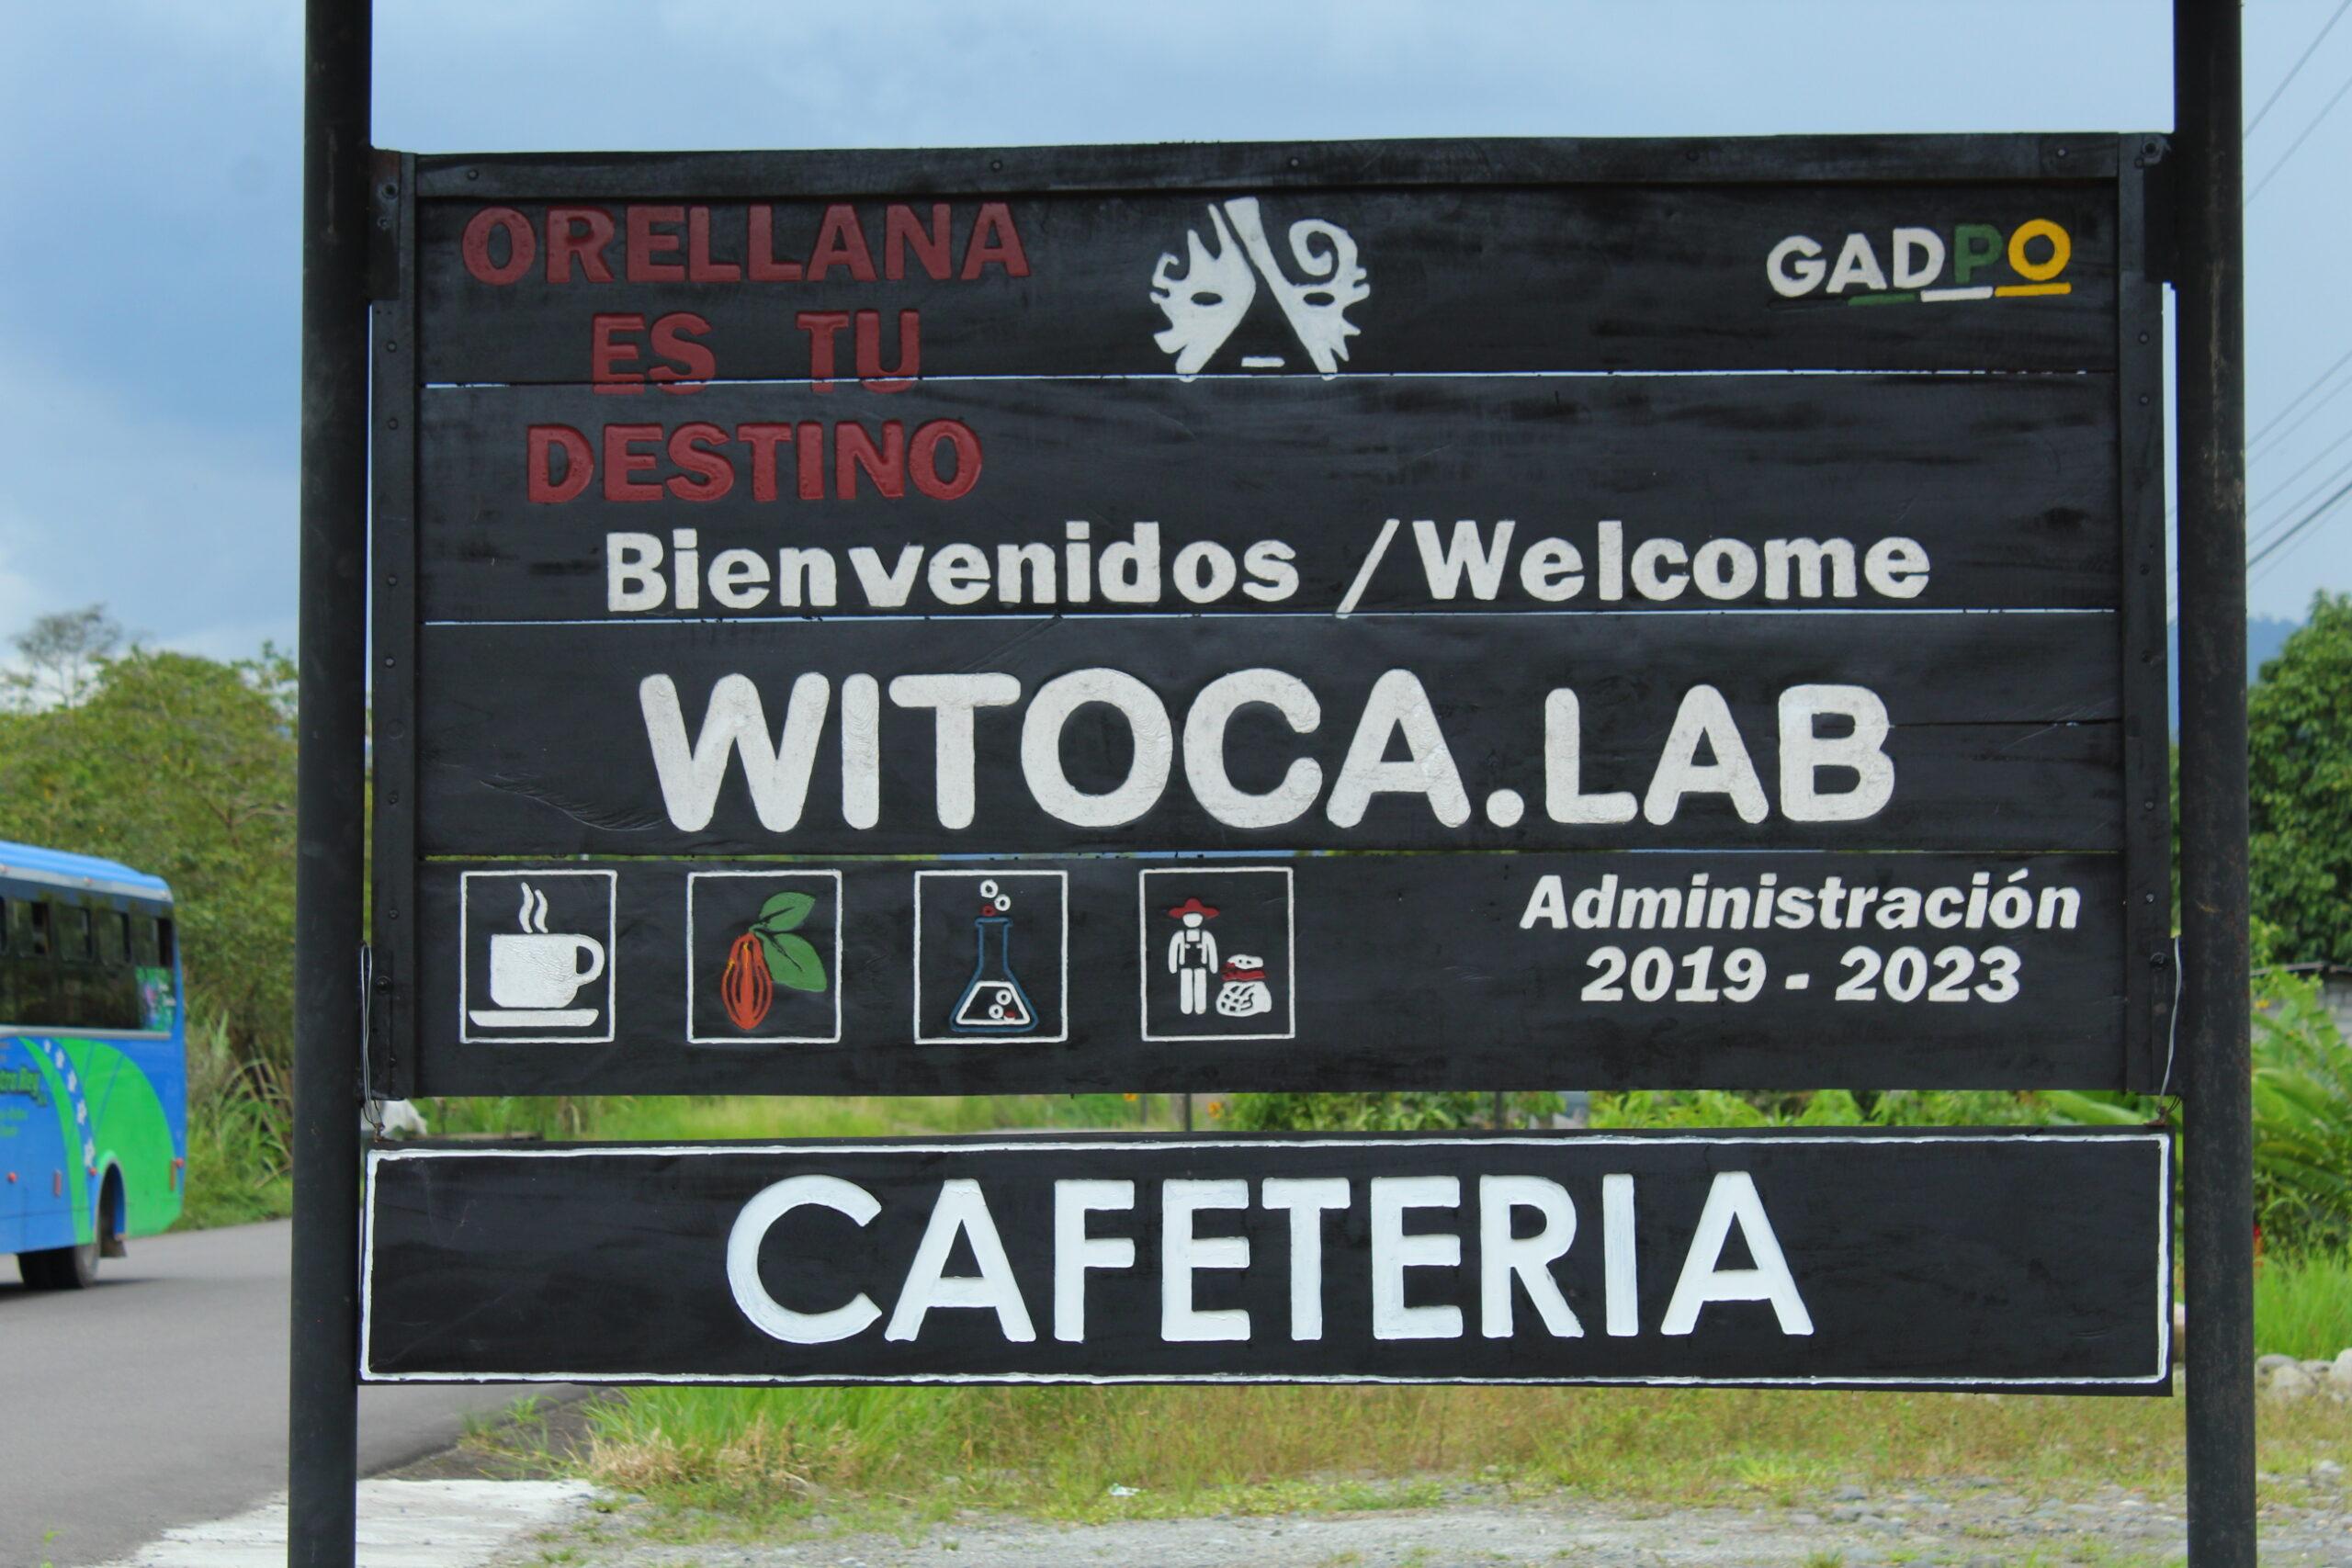 Witoca